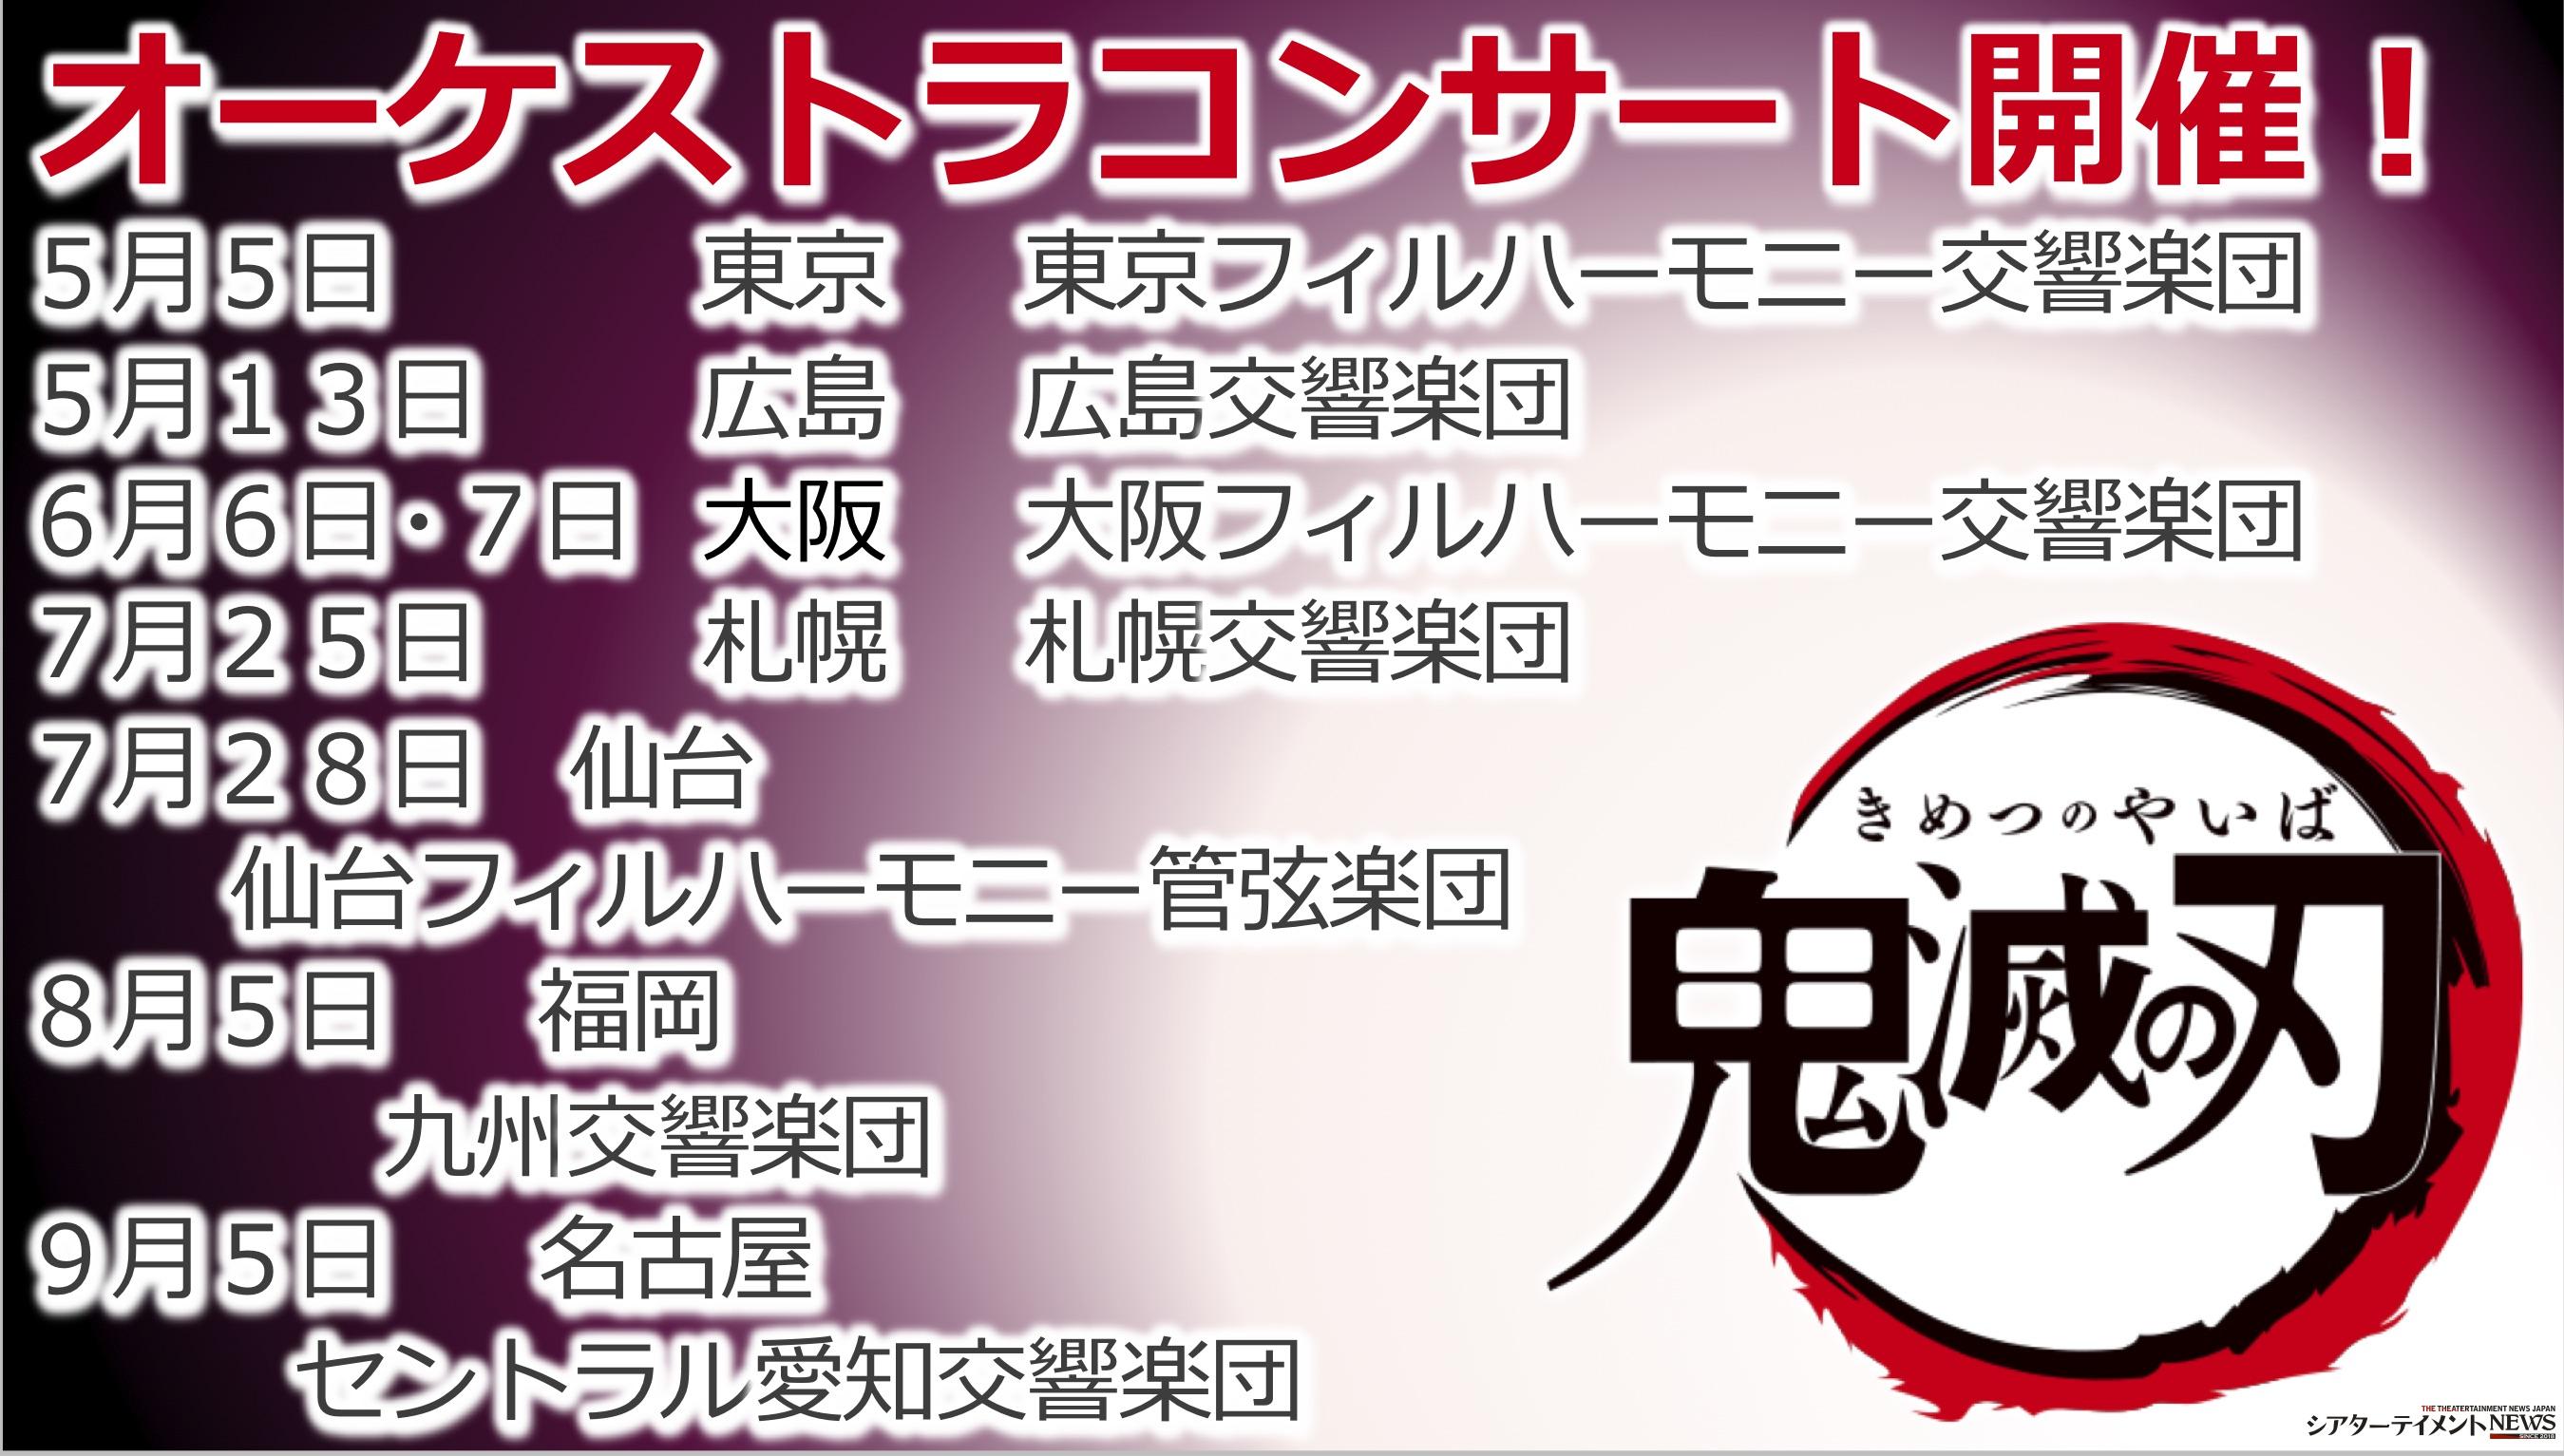 鬼 滅 の 刃 テレビ 放送 福岡